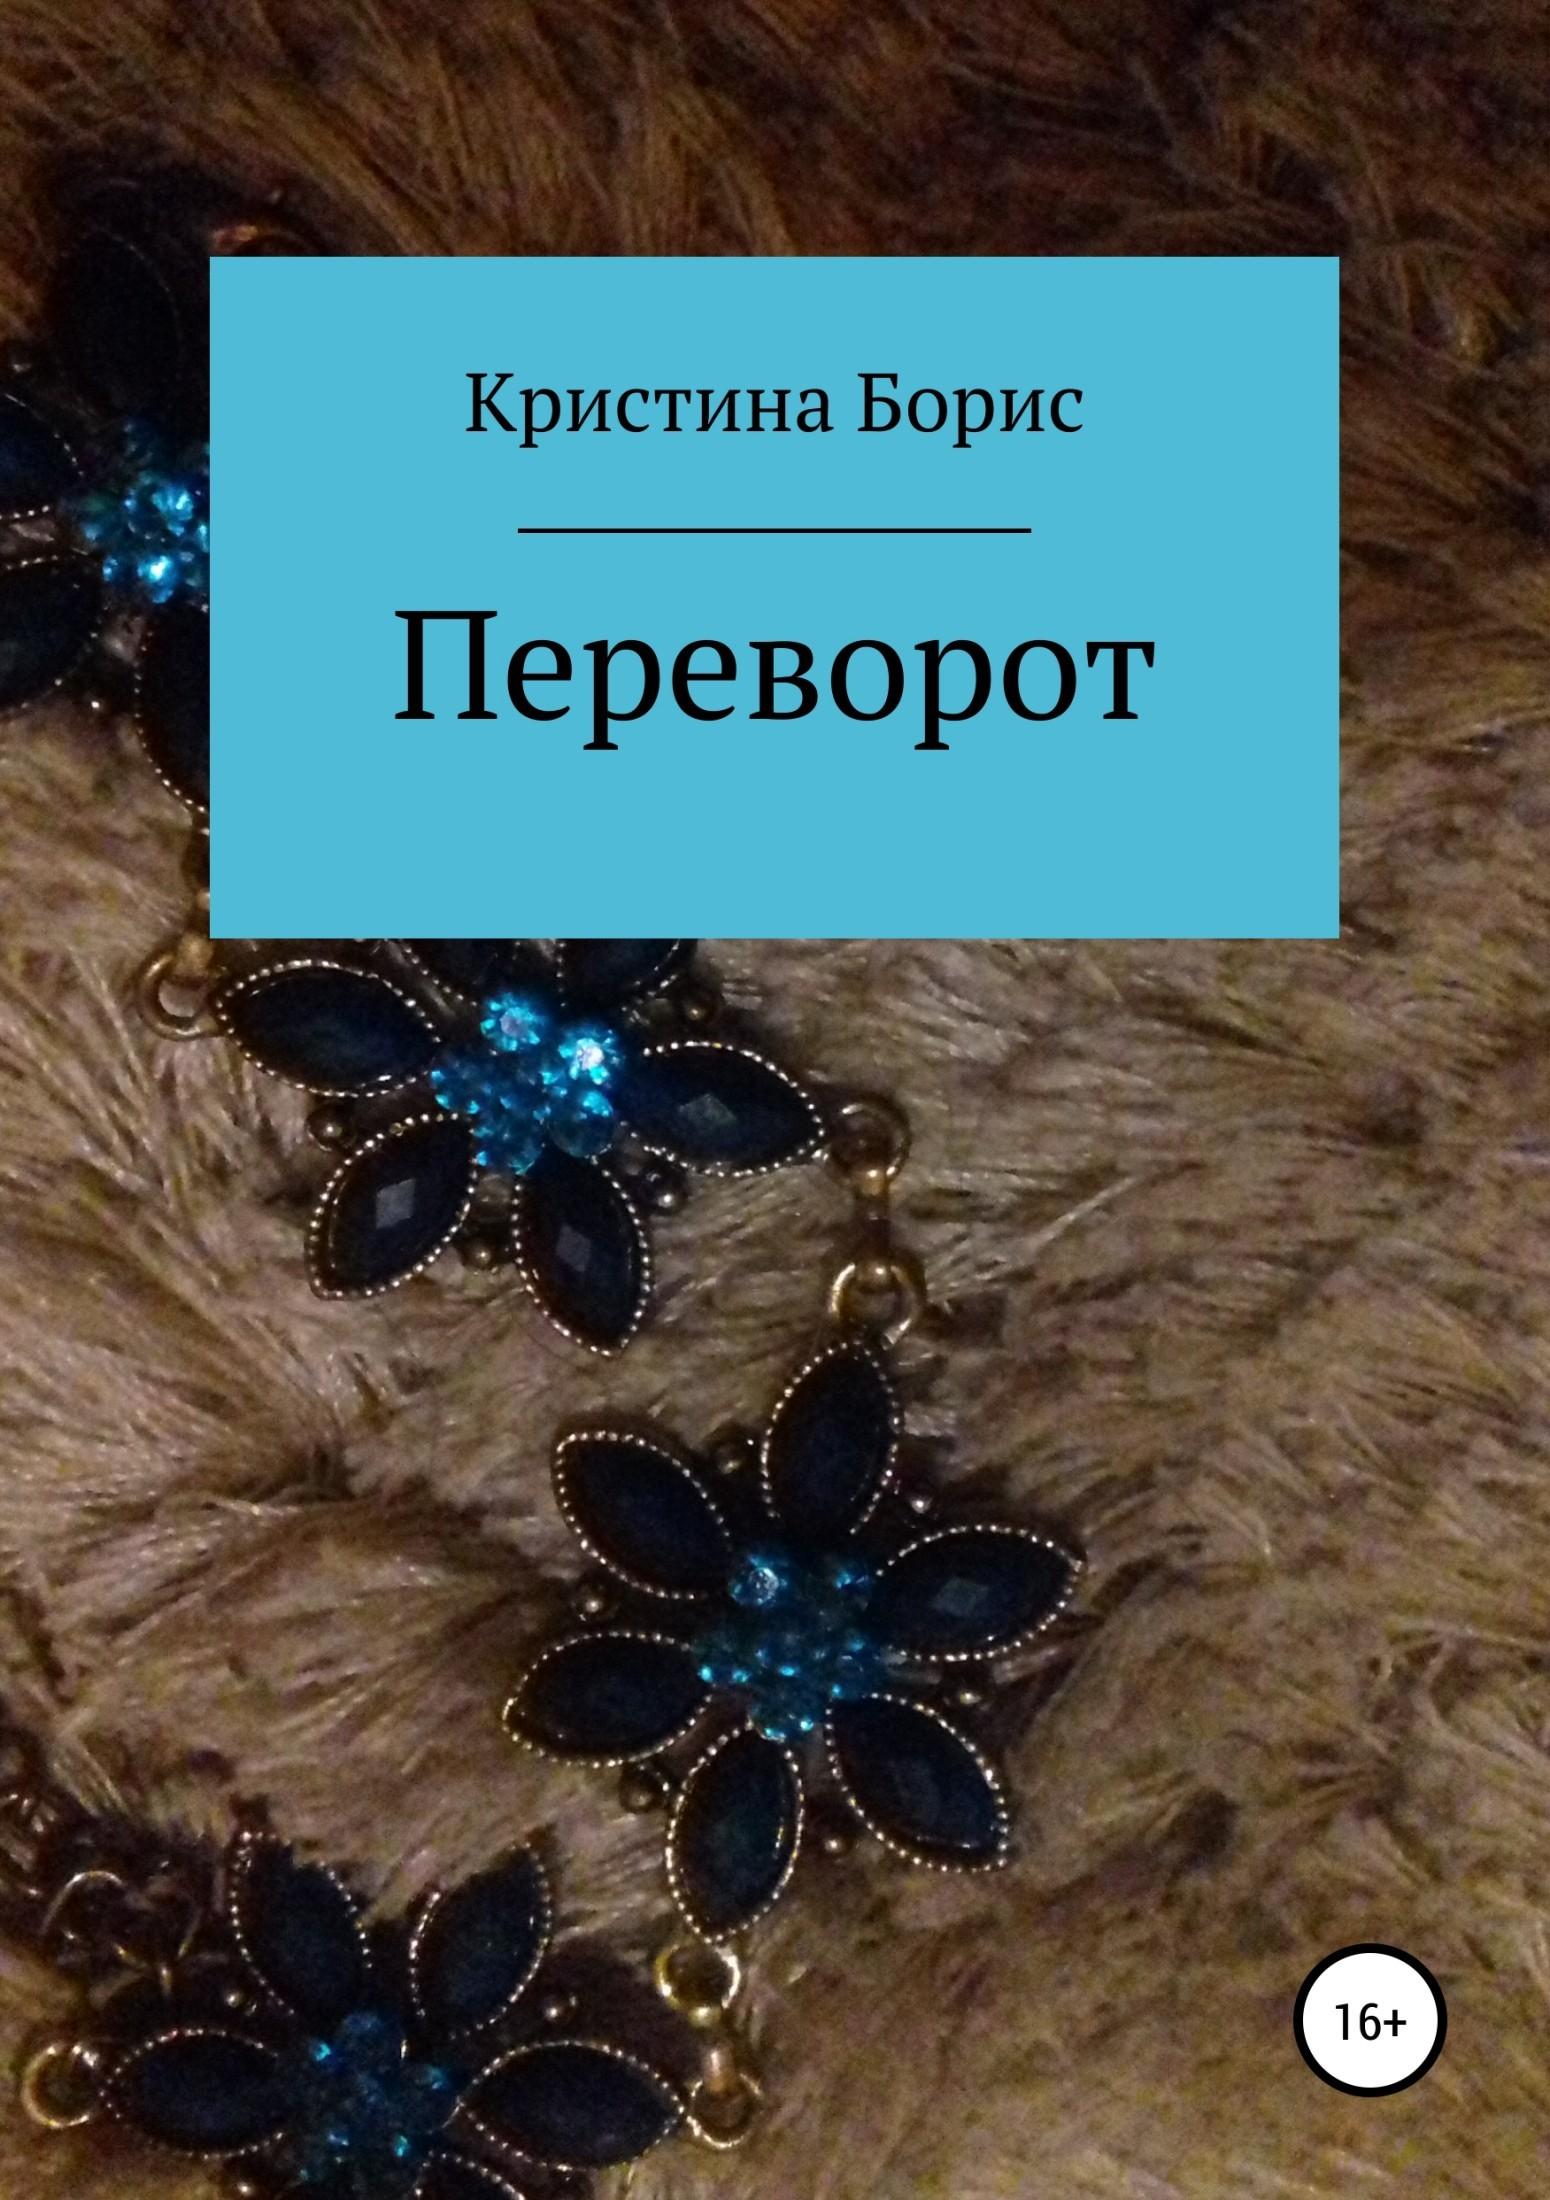 Кристина Борис Переворот татиана северинова кому то